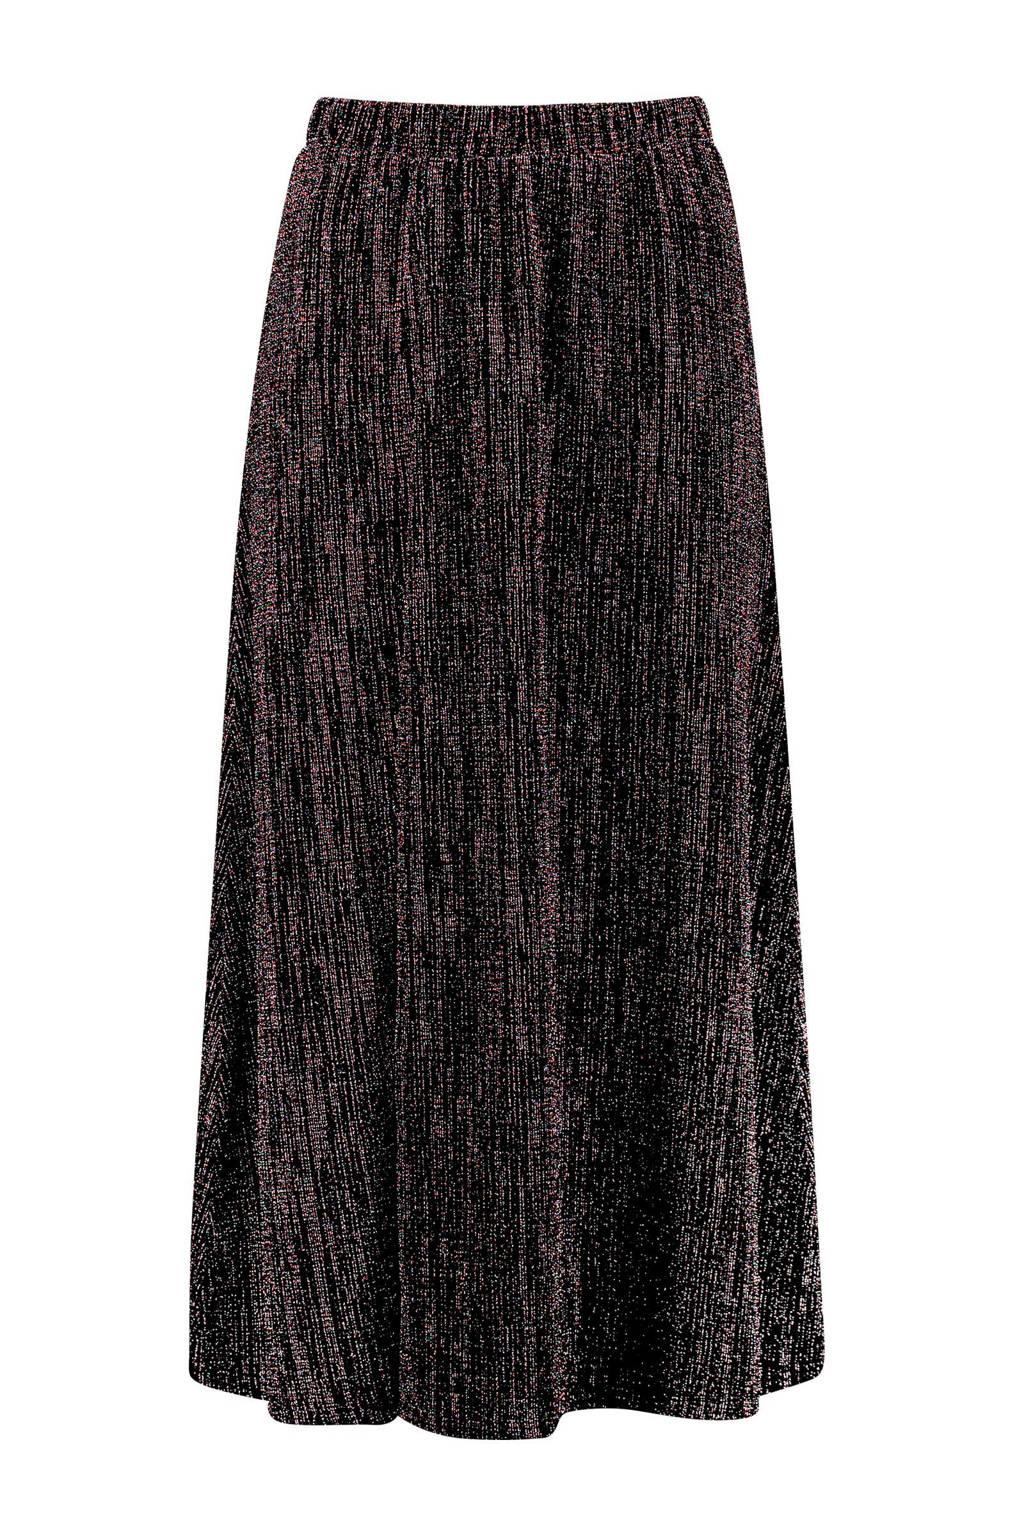 CKS rok zwart multi